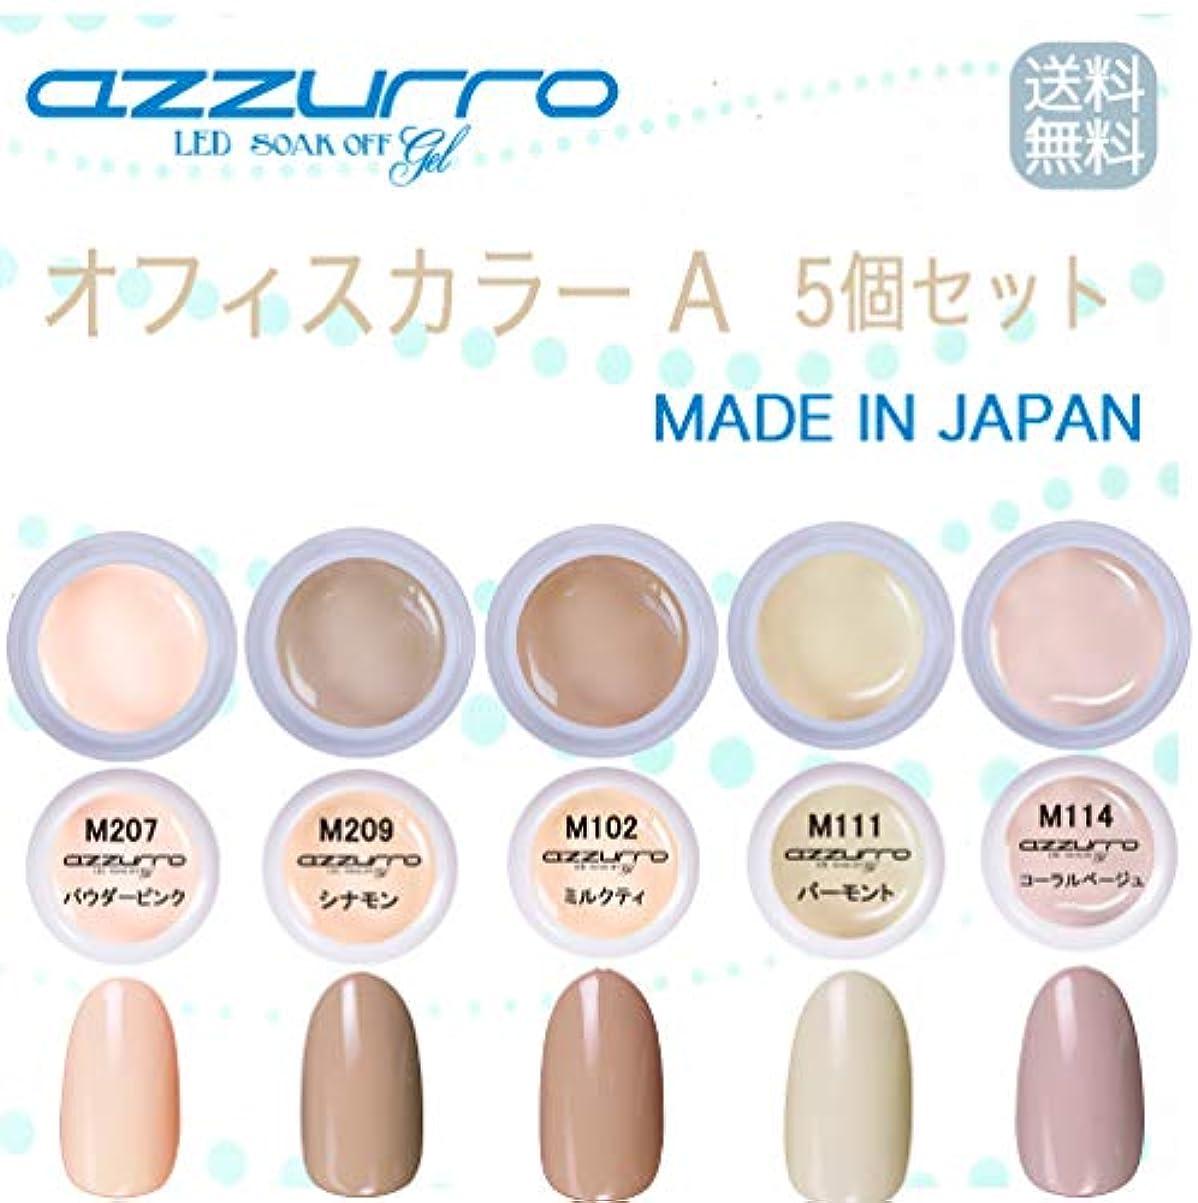 義務付けられた計画去る【送料無料】日本製 azzurro gel オフィスカラージェルA5個セット オフィスでも人気のカラーをセット